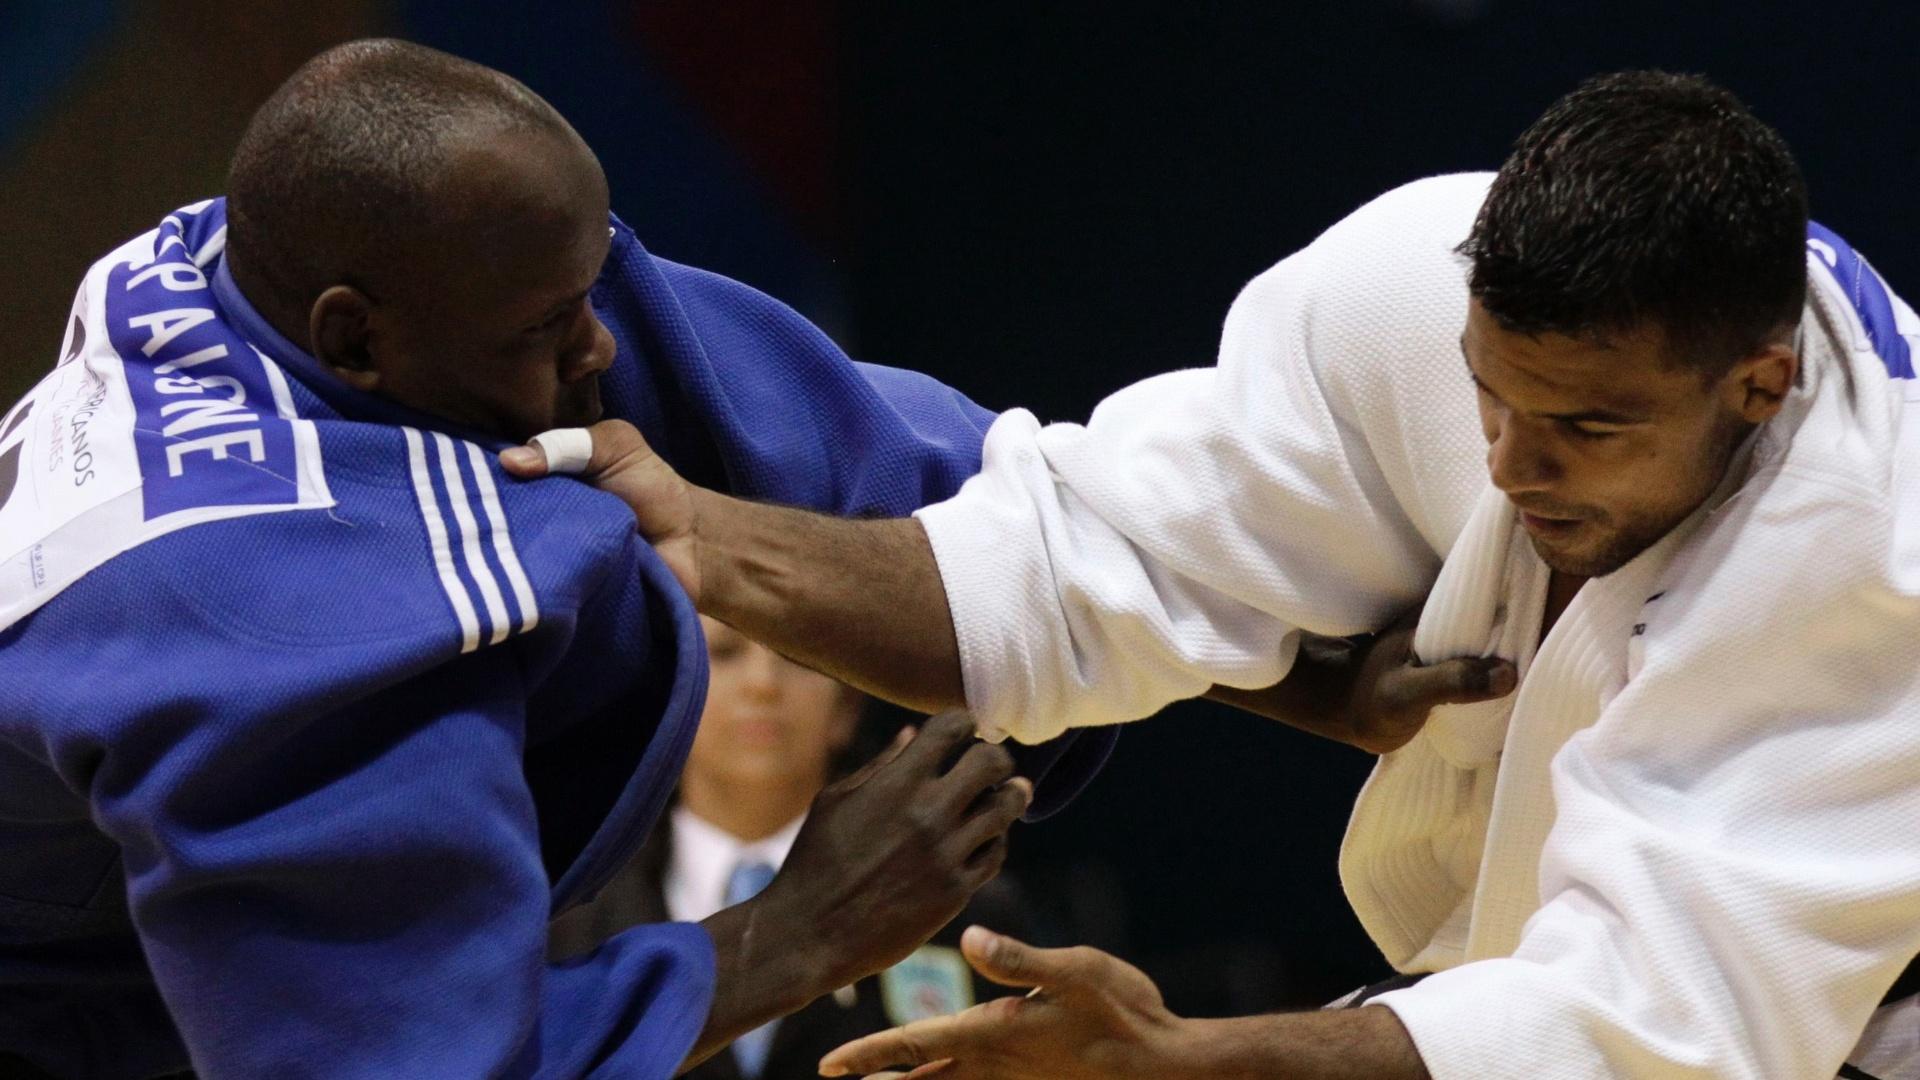 Luciano Correa encara o cubano Oreydis Despaigne na decisão do Pan-Americano (26/10/2011)